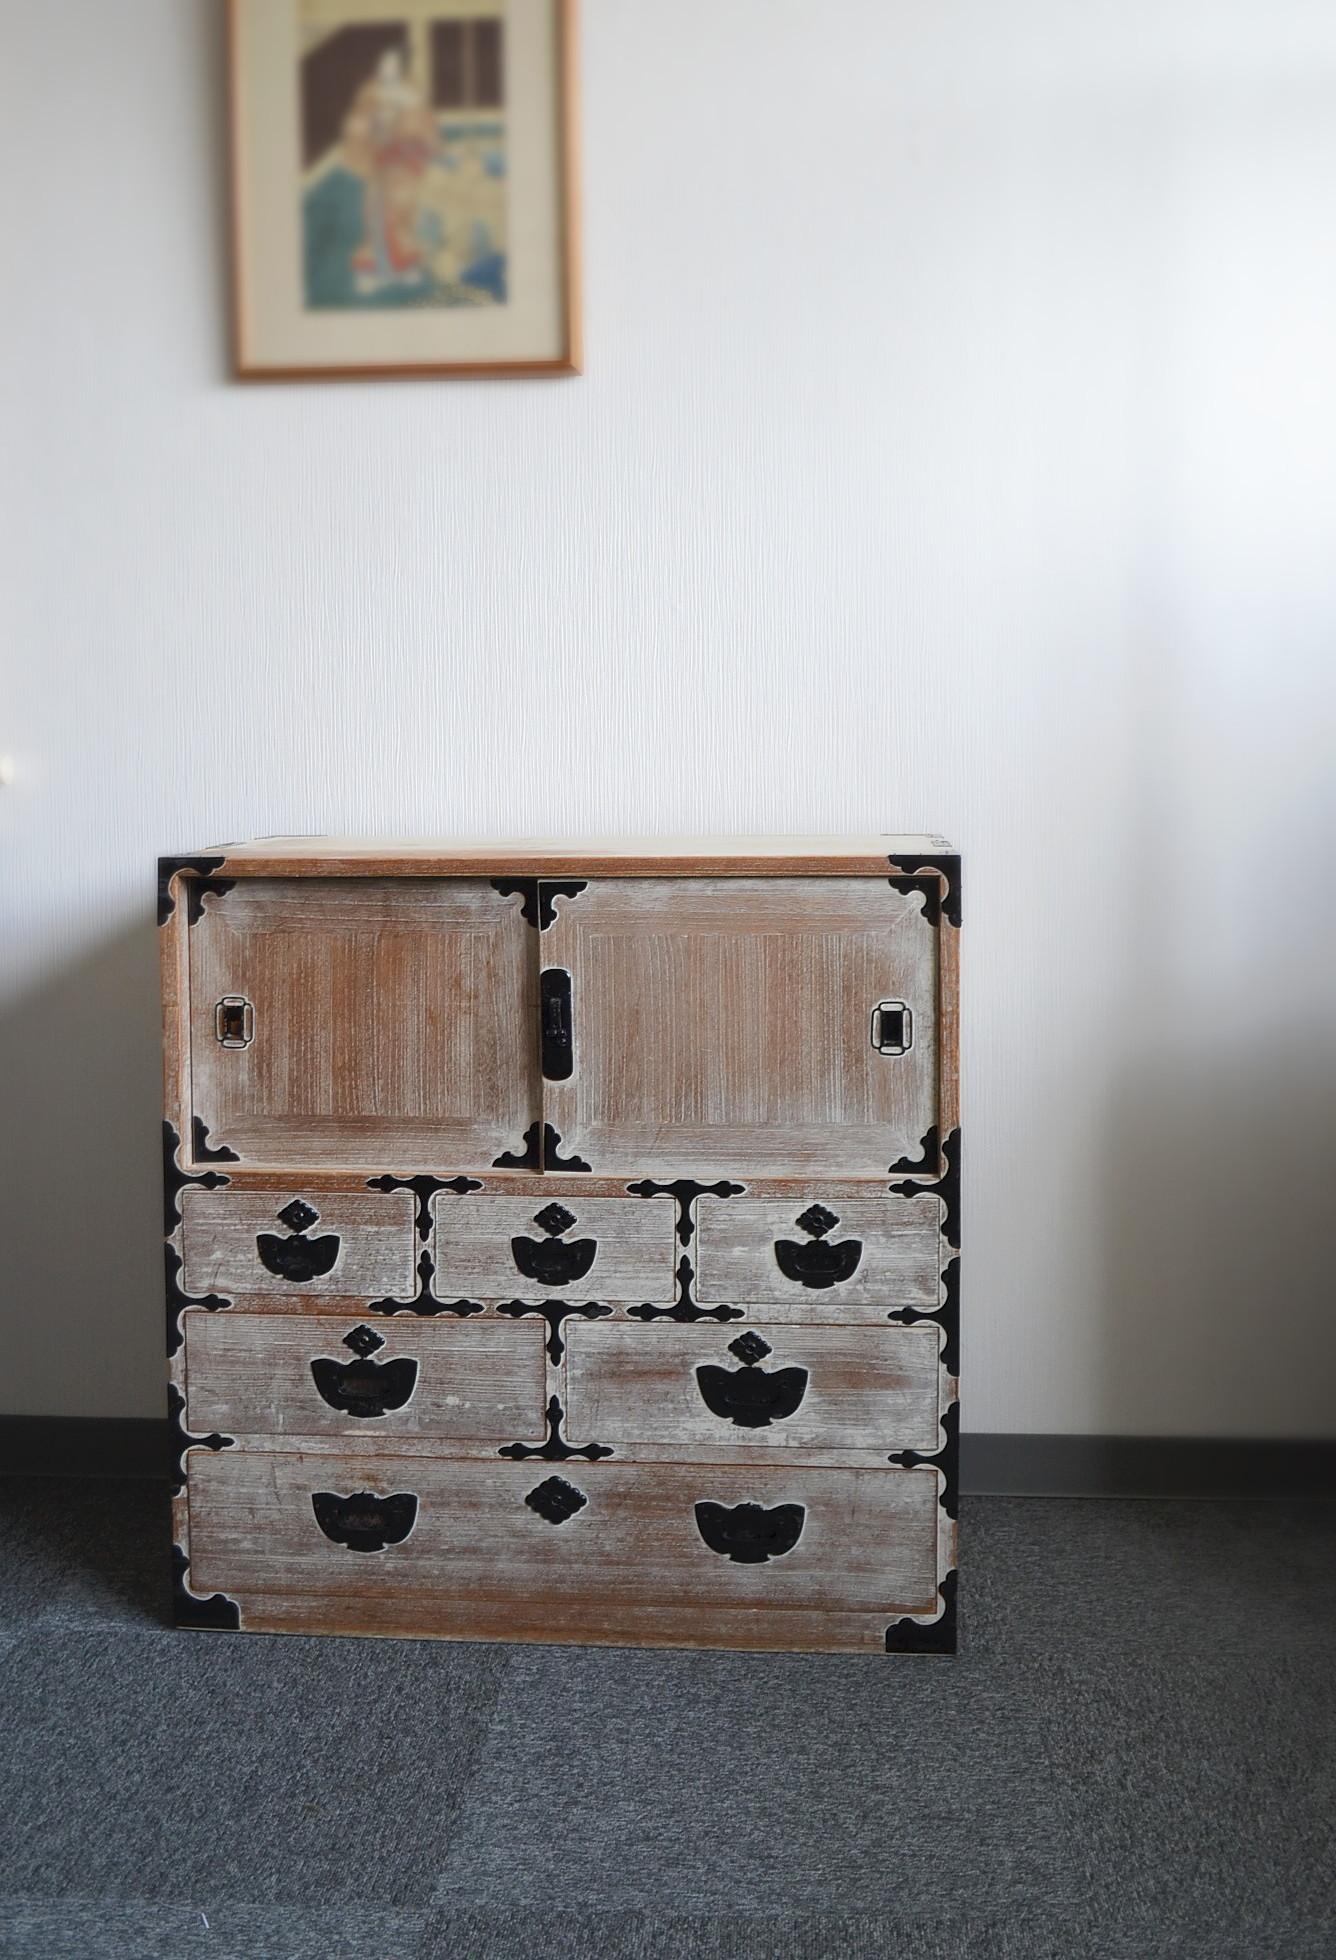 桐箪笥 小箪笥 整理箪笥 幅790mm ふくら雀金具